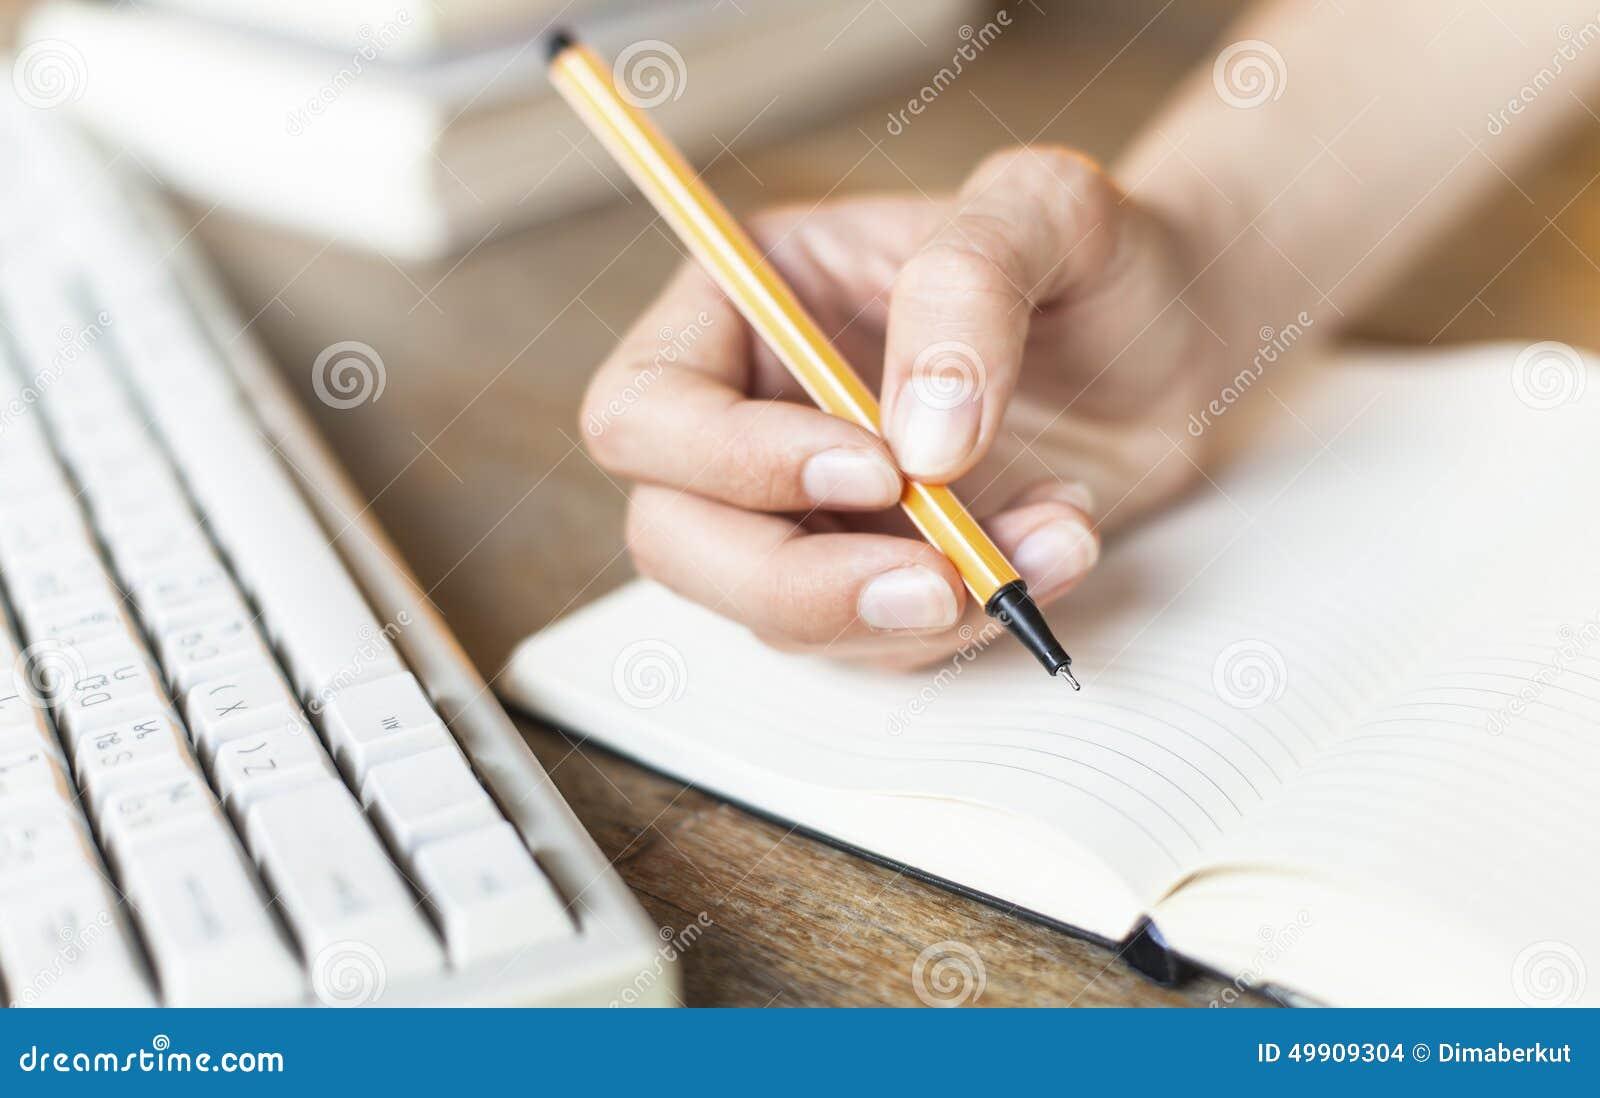 L écriture, main femelle écrit avec un stylo dans un carnet de journal intime Éducation